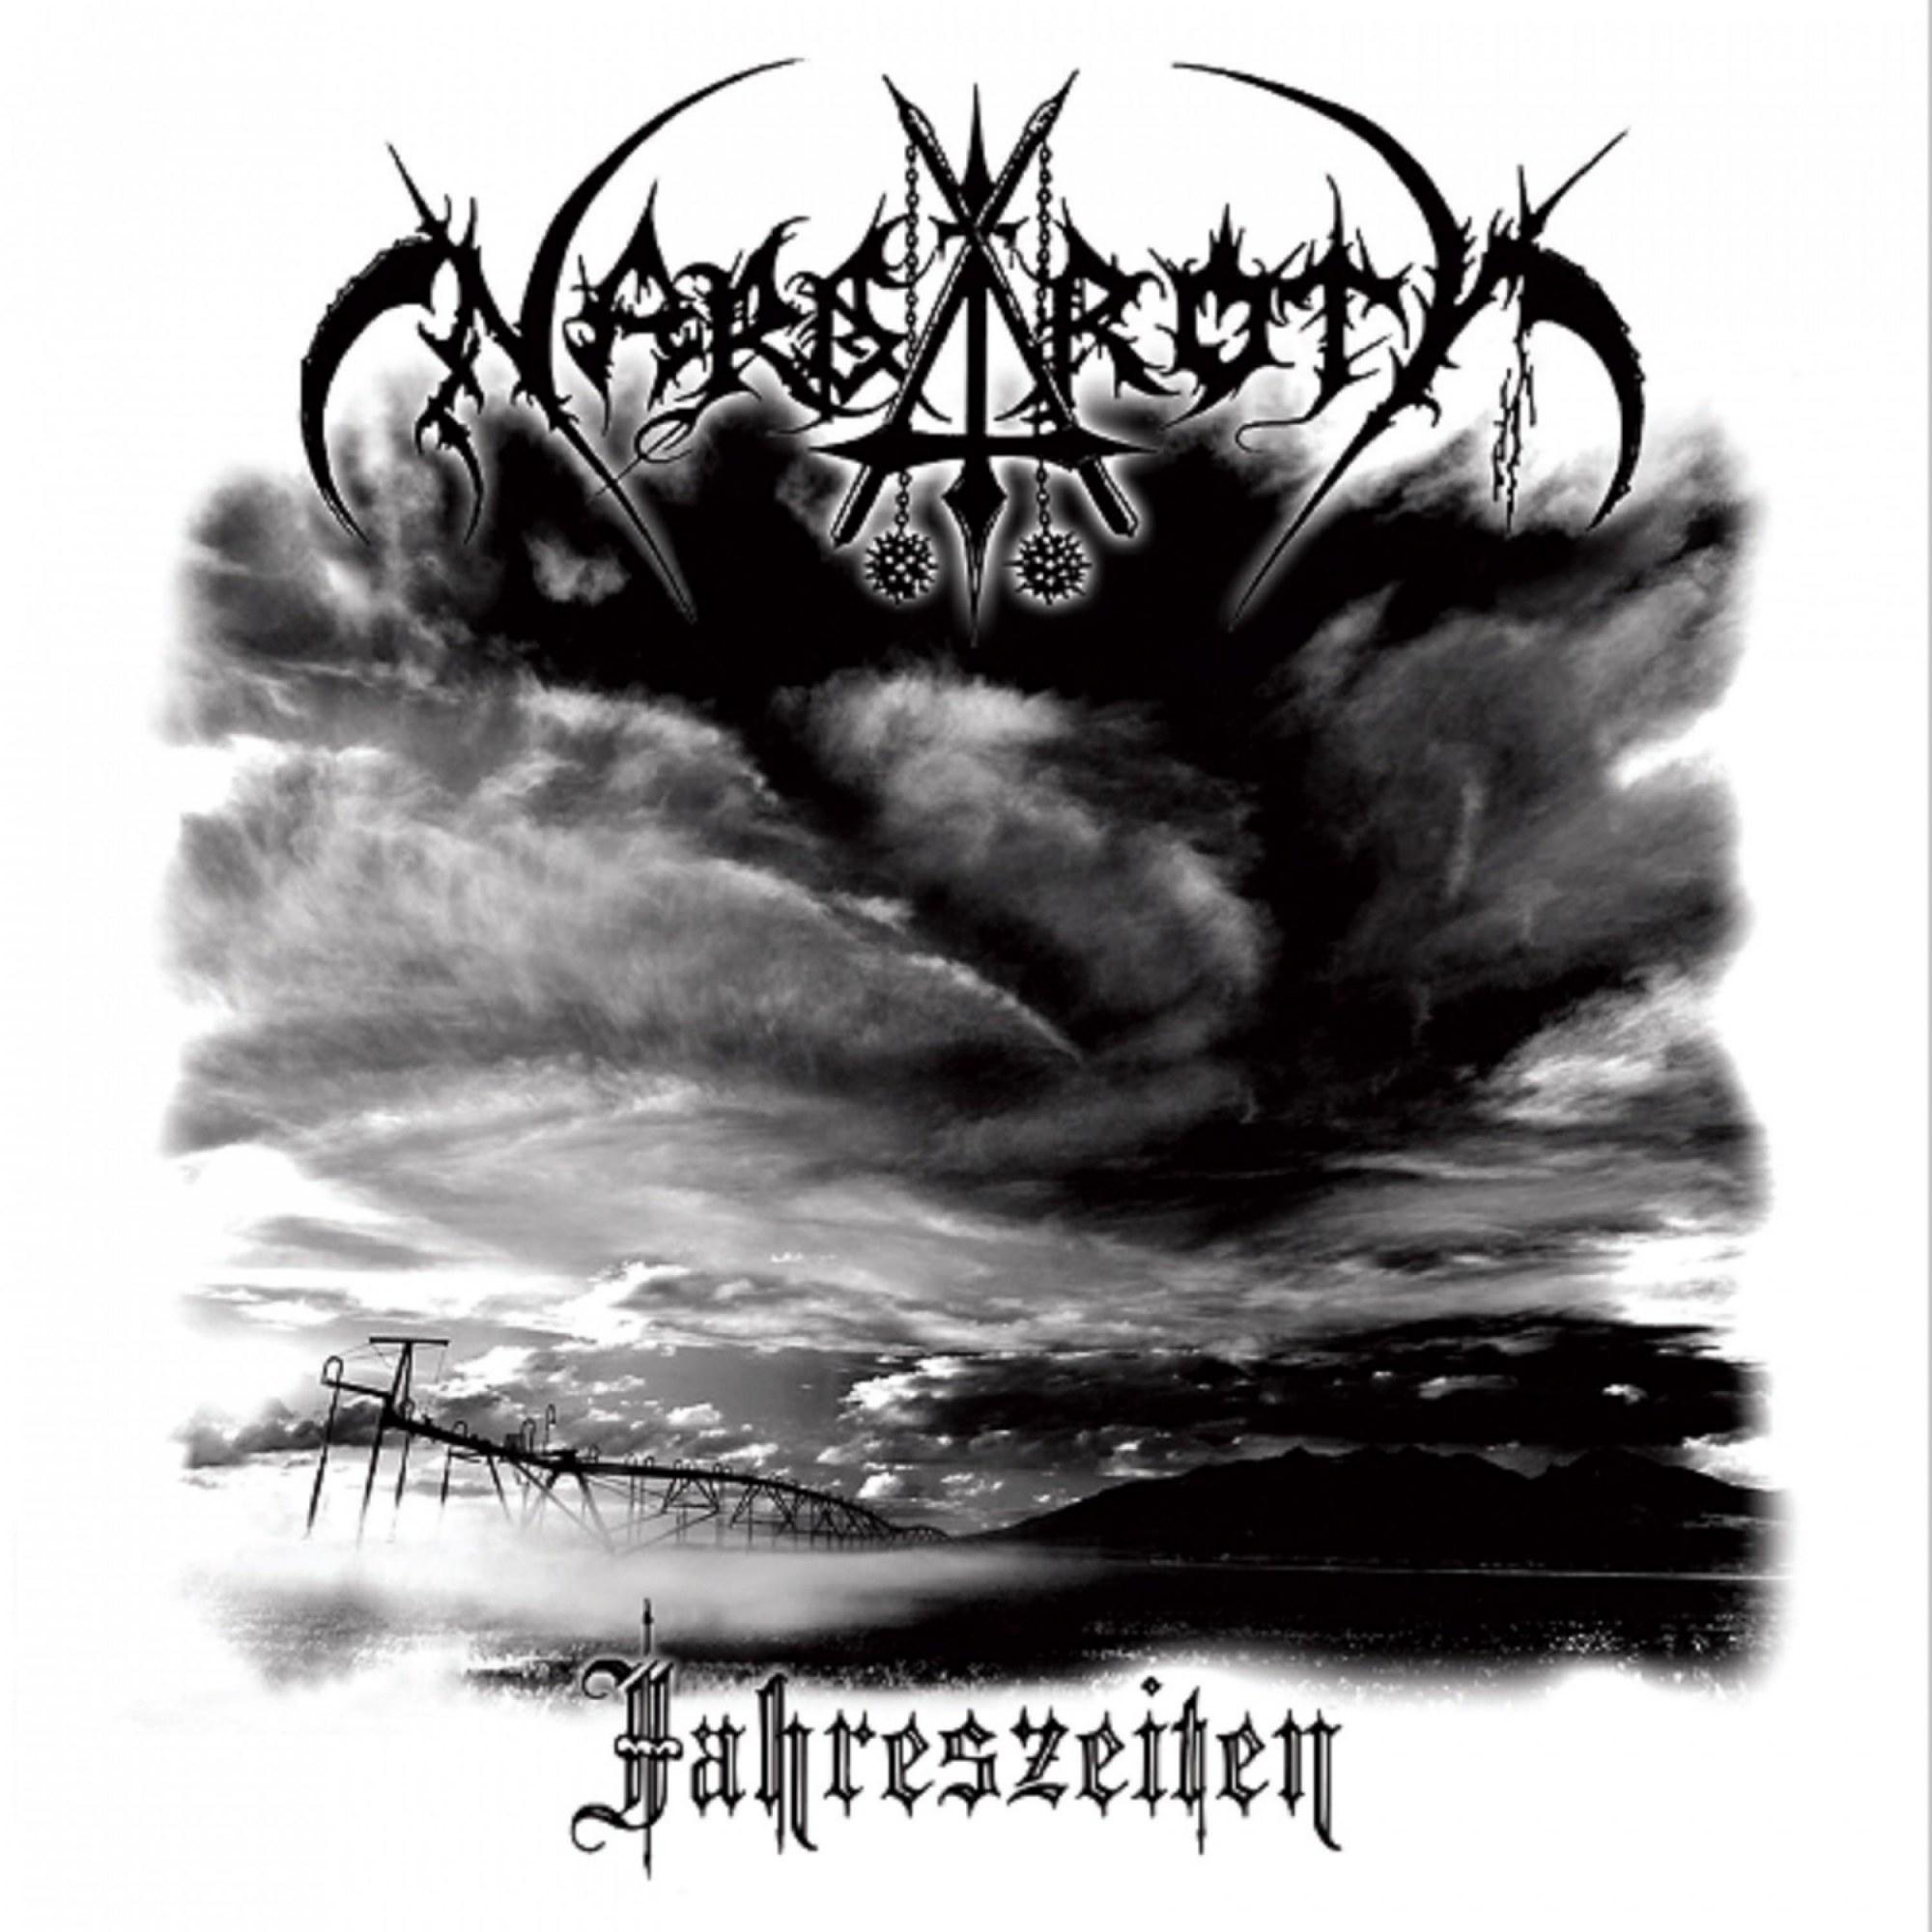 Review for Nargaroth - Jahreszeiten